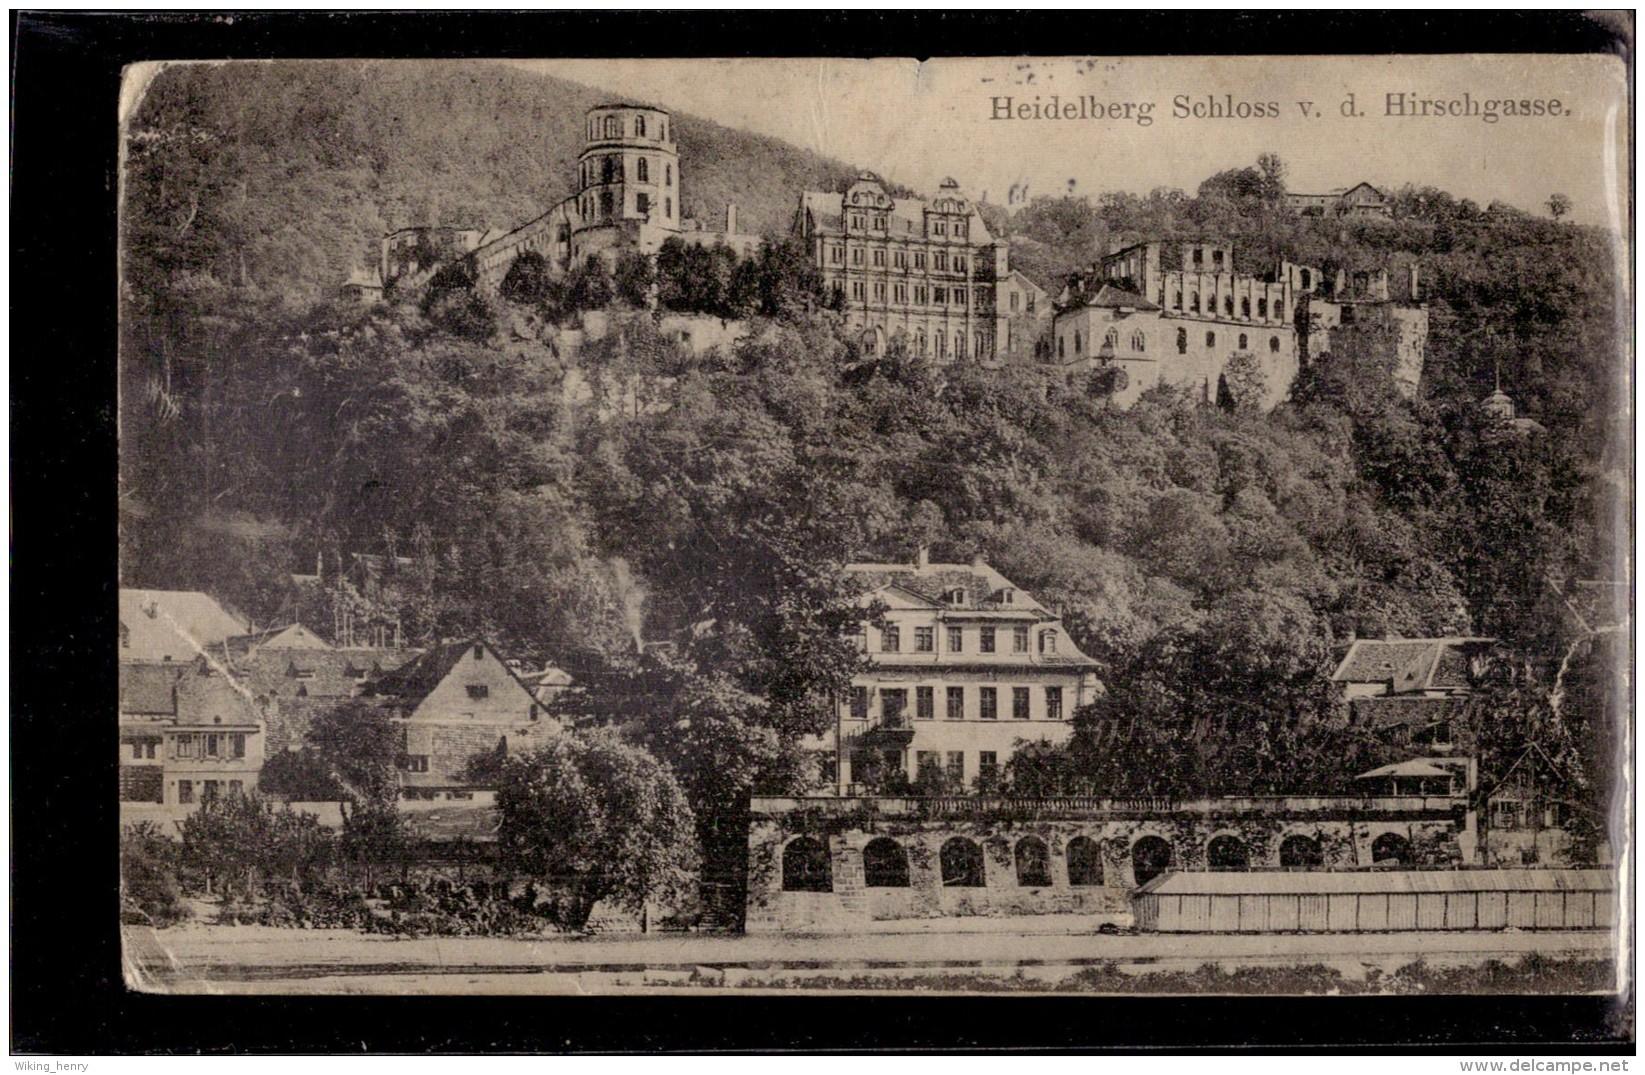 Heidelberg - S/w Schloß Von Der Hirschgasse 4 - Heidelberg